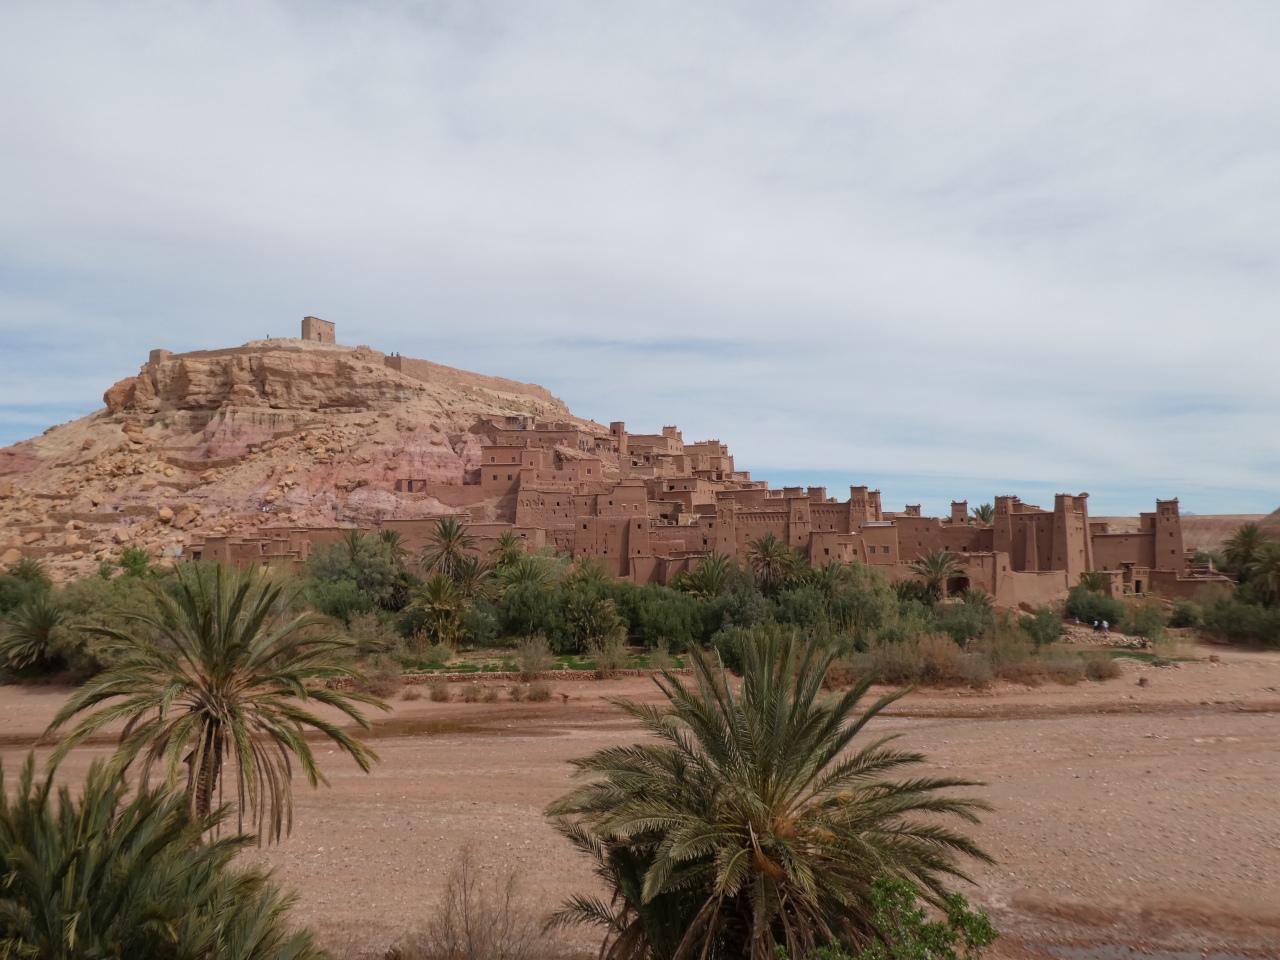 Day trip to Ait Benhaddou through the AtlasMountains